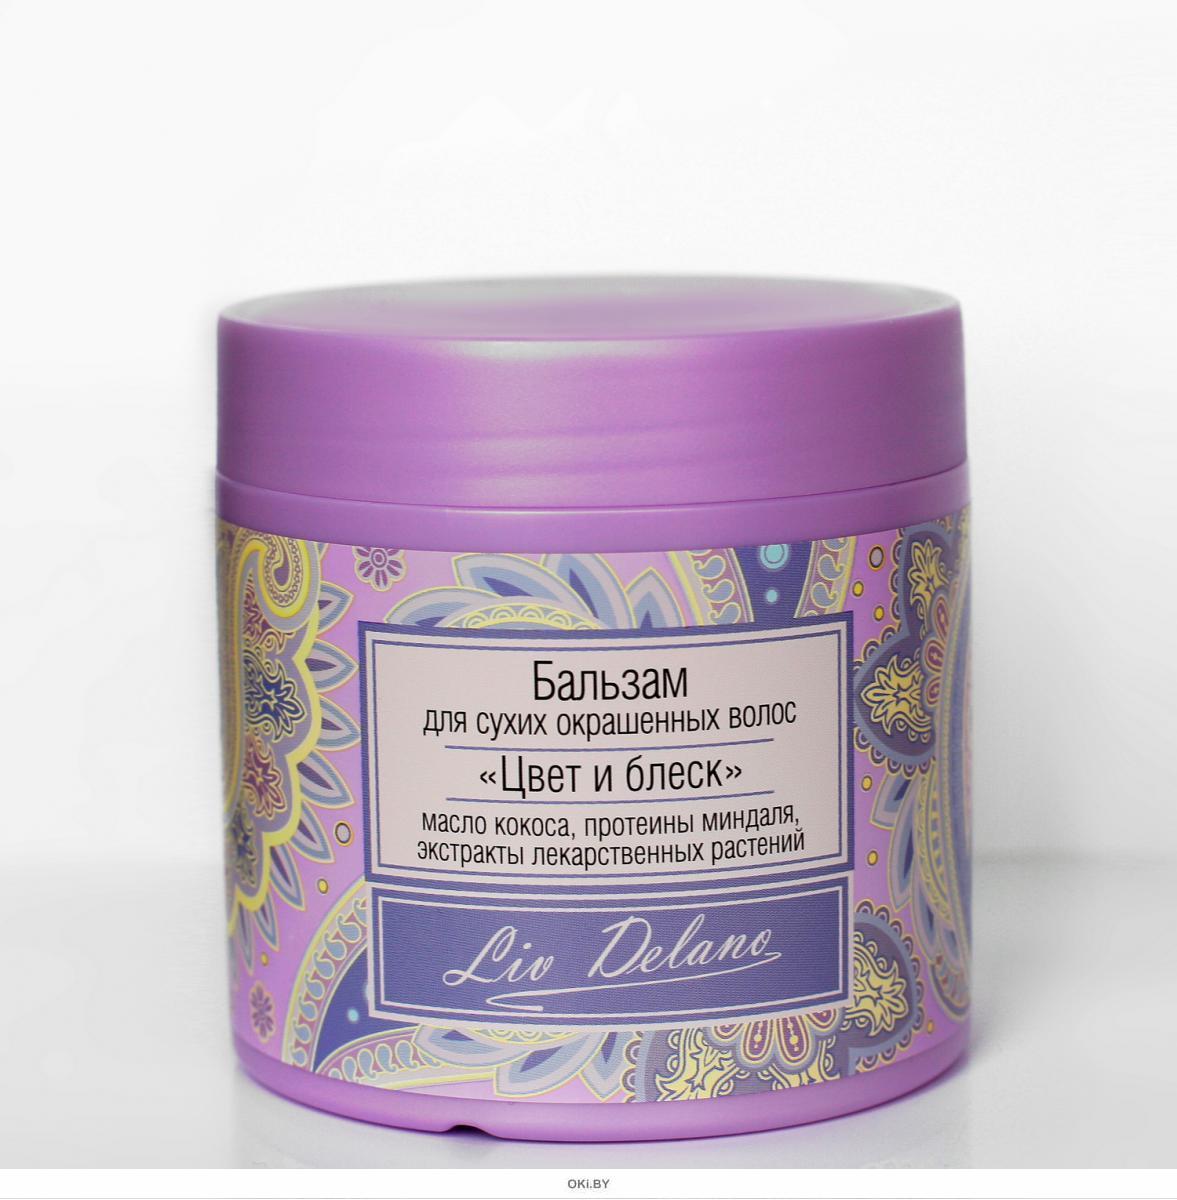 Бальзам «Цвет и блеск» для сухих окрашенных волос, 350г